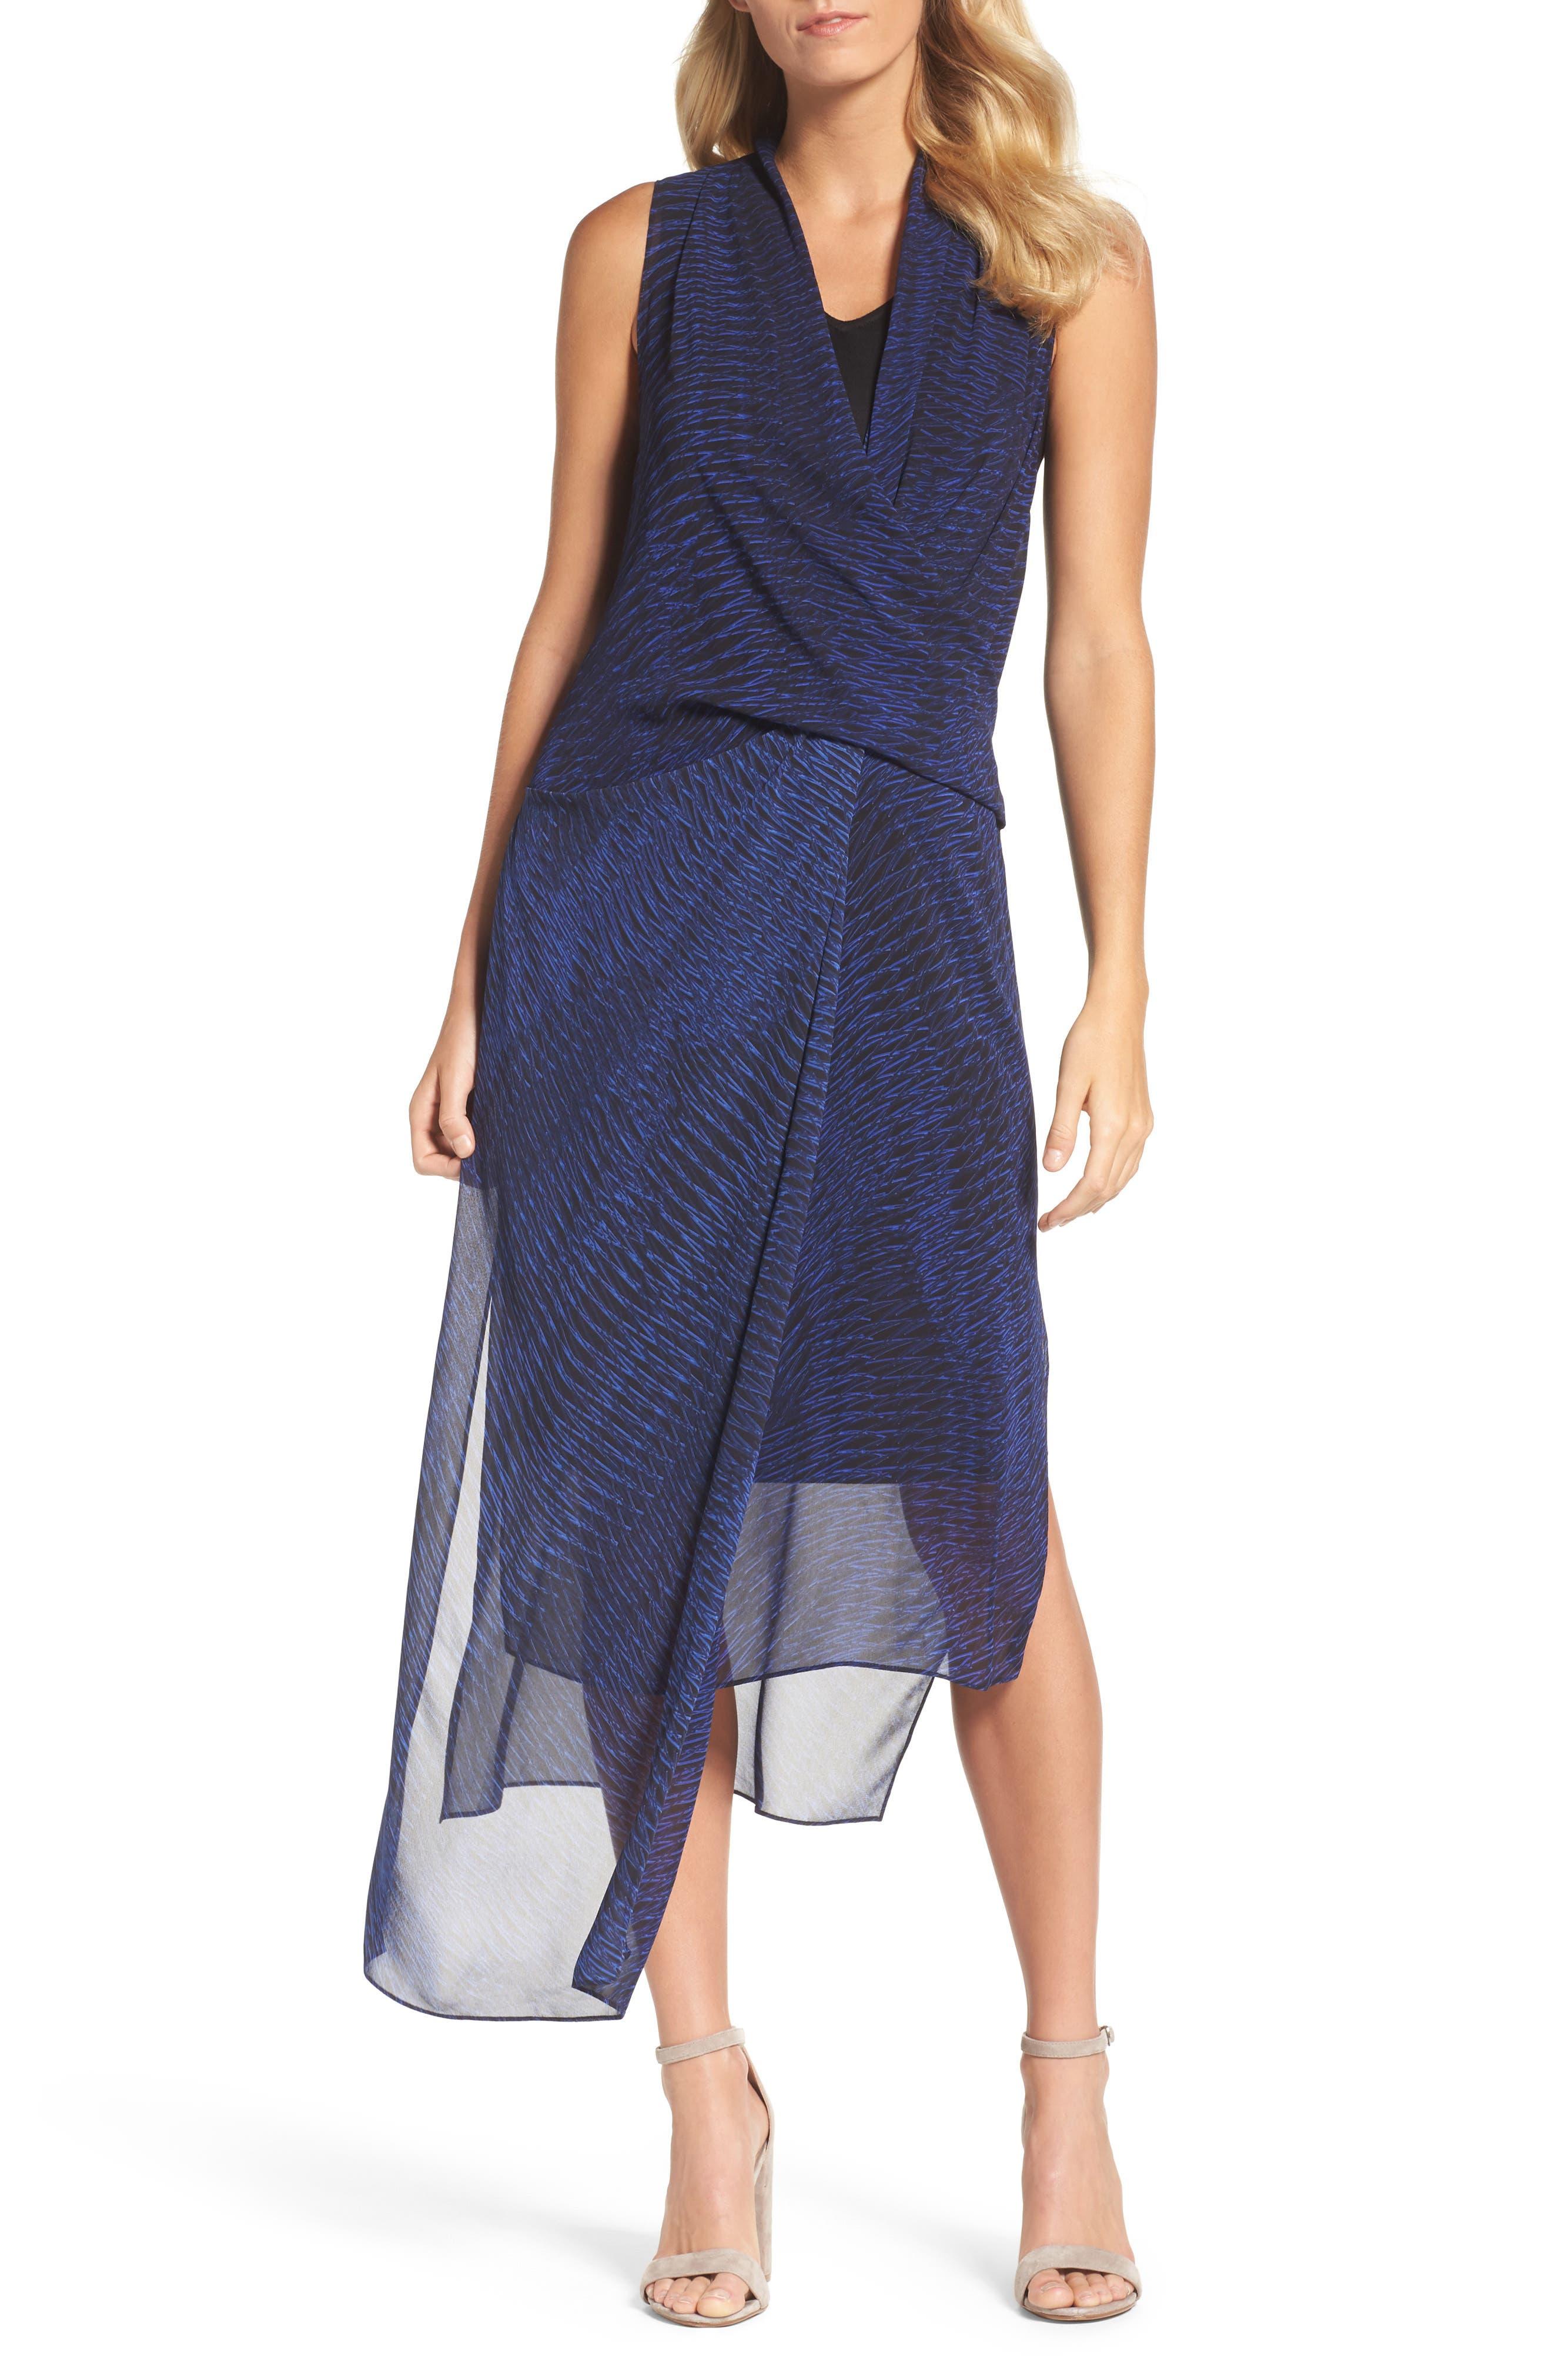 Blue Streaks Midi Dress,                             Main thumbnail 1, color,                             Blue Roma